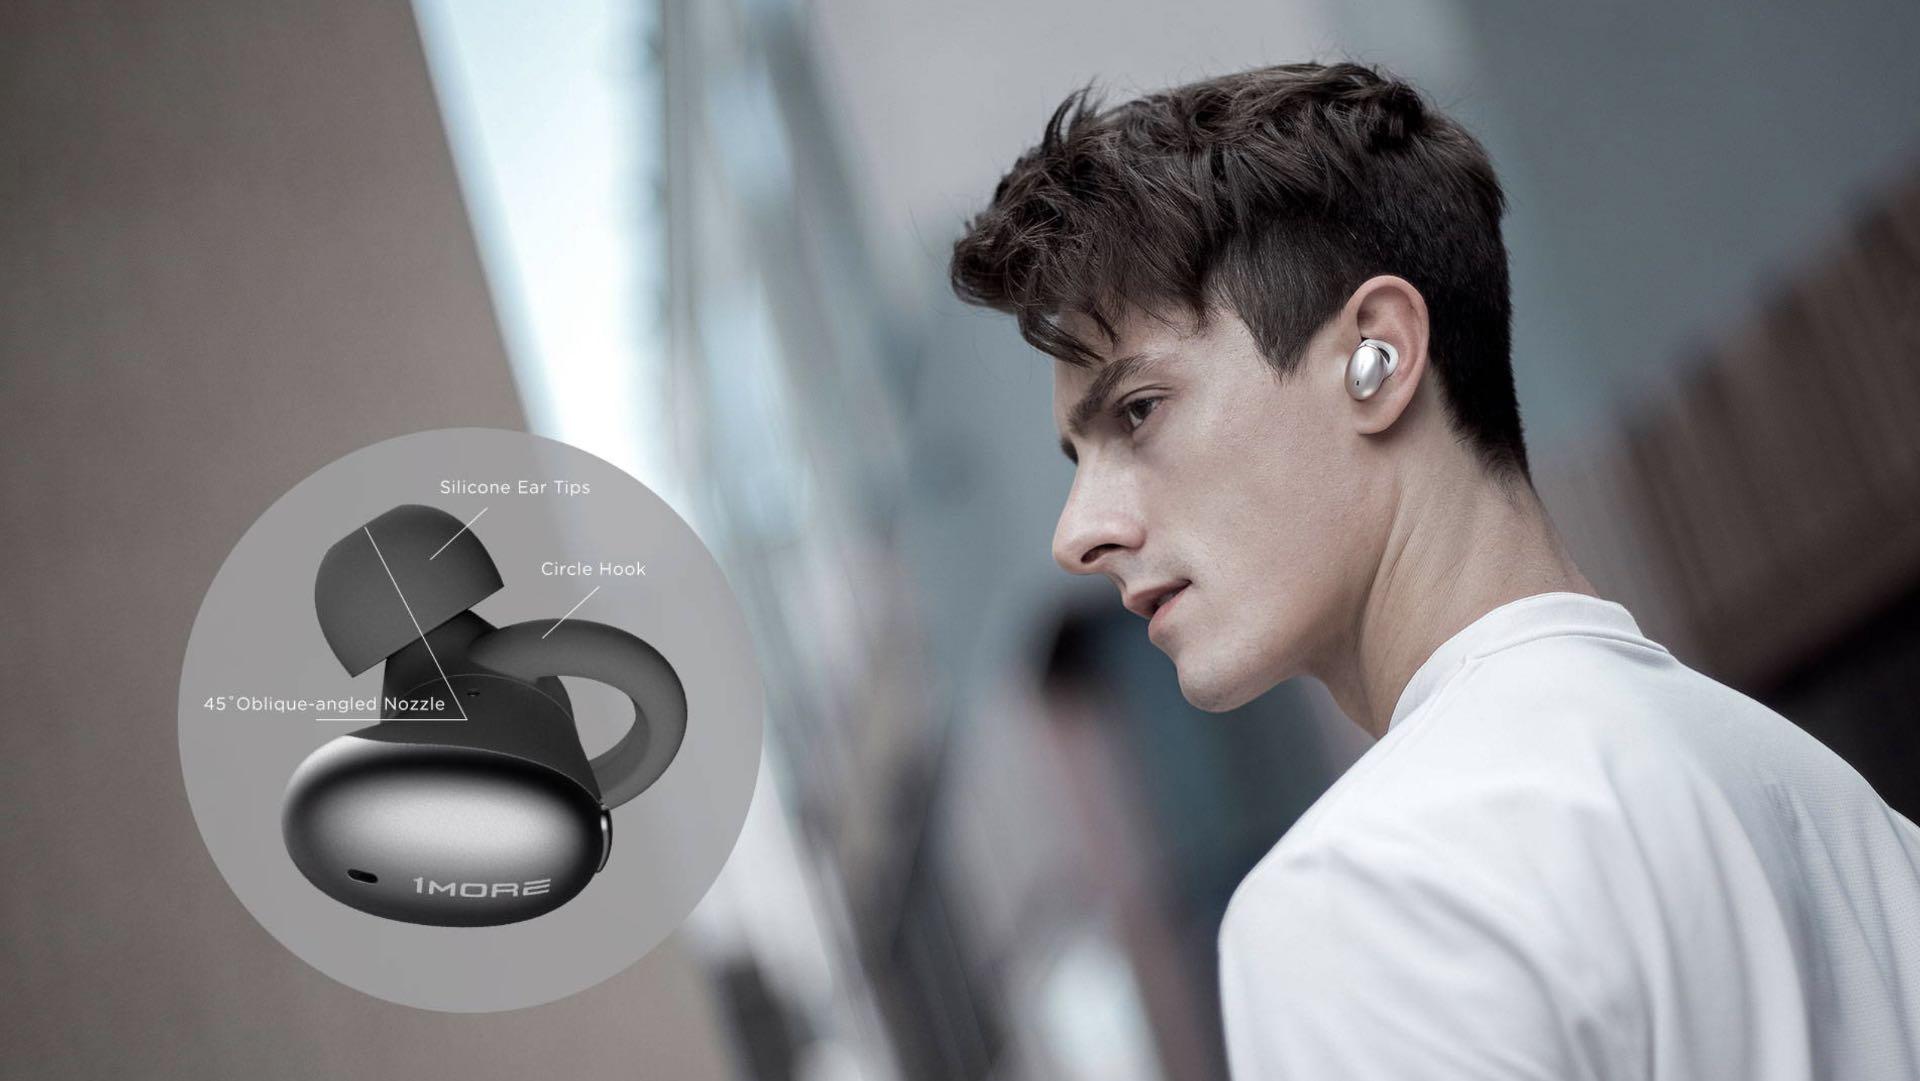 1More Stylish True Wireless In-Eer Headphones